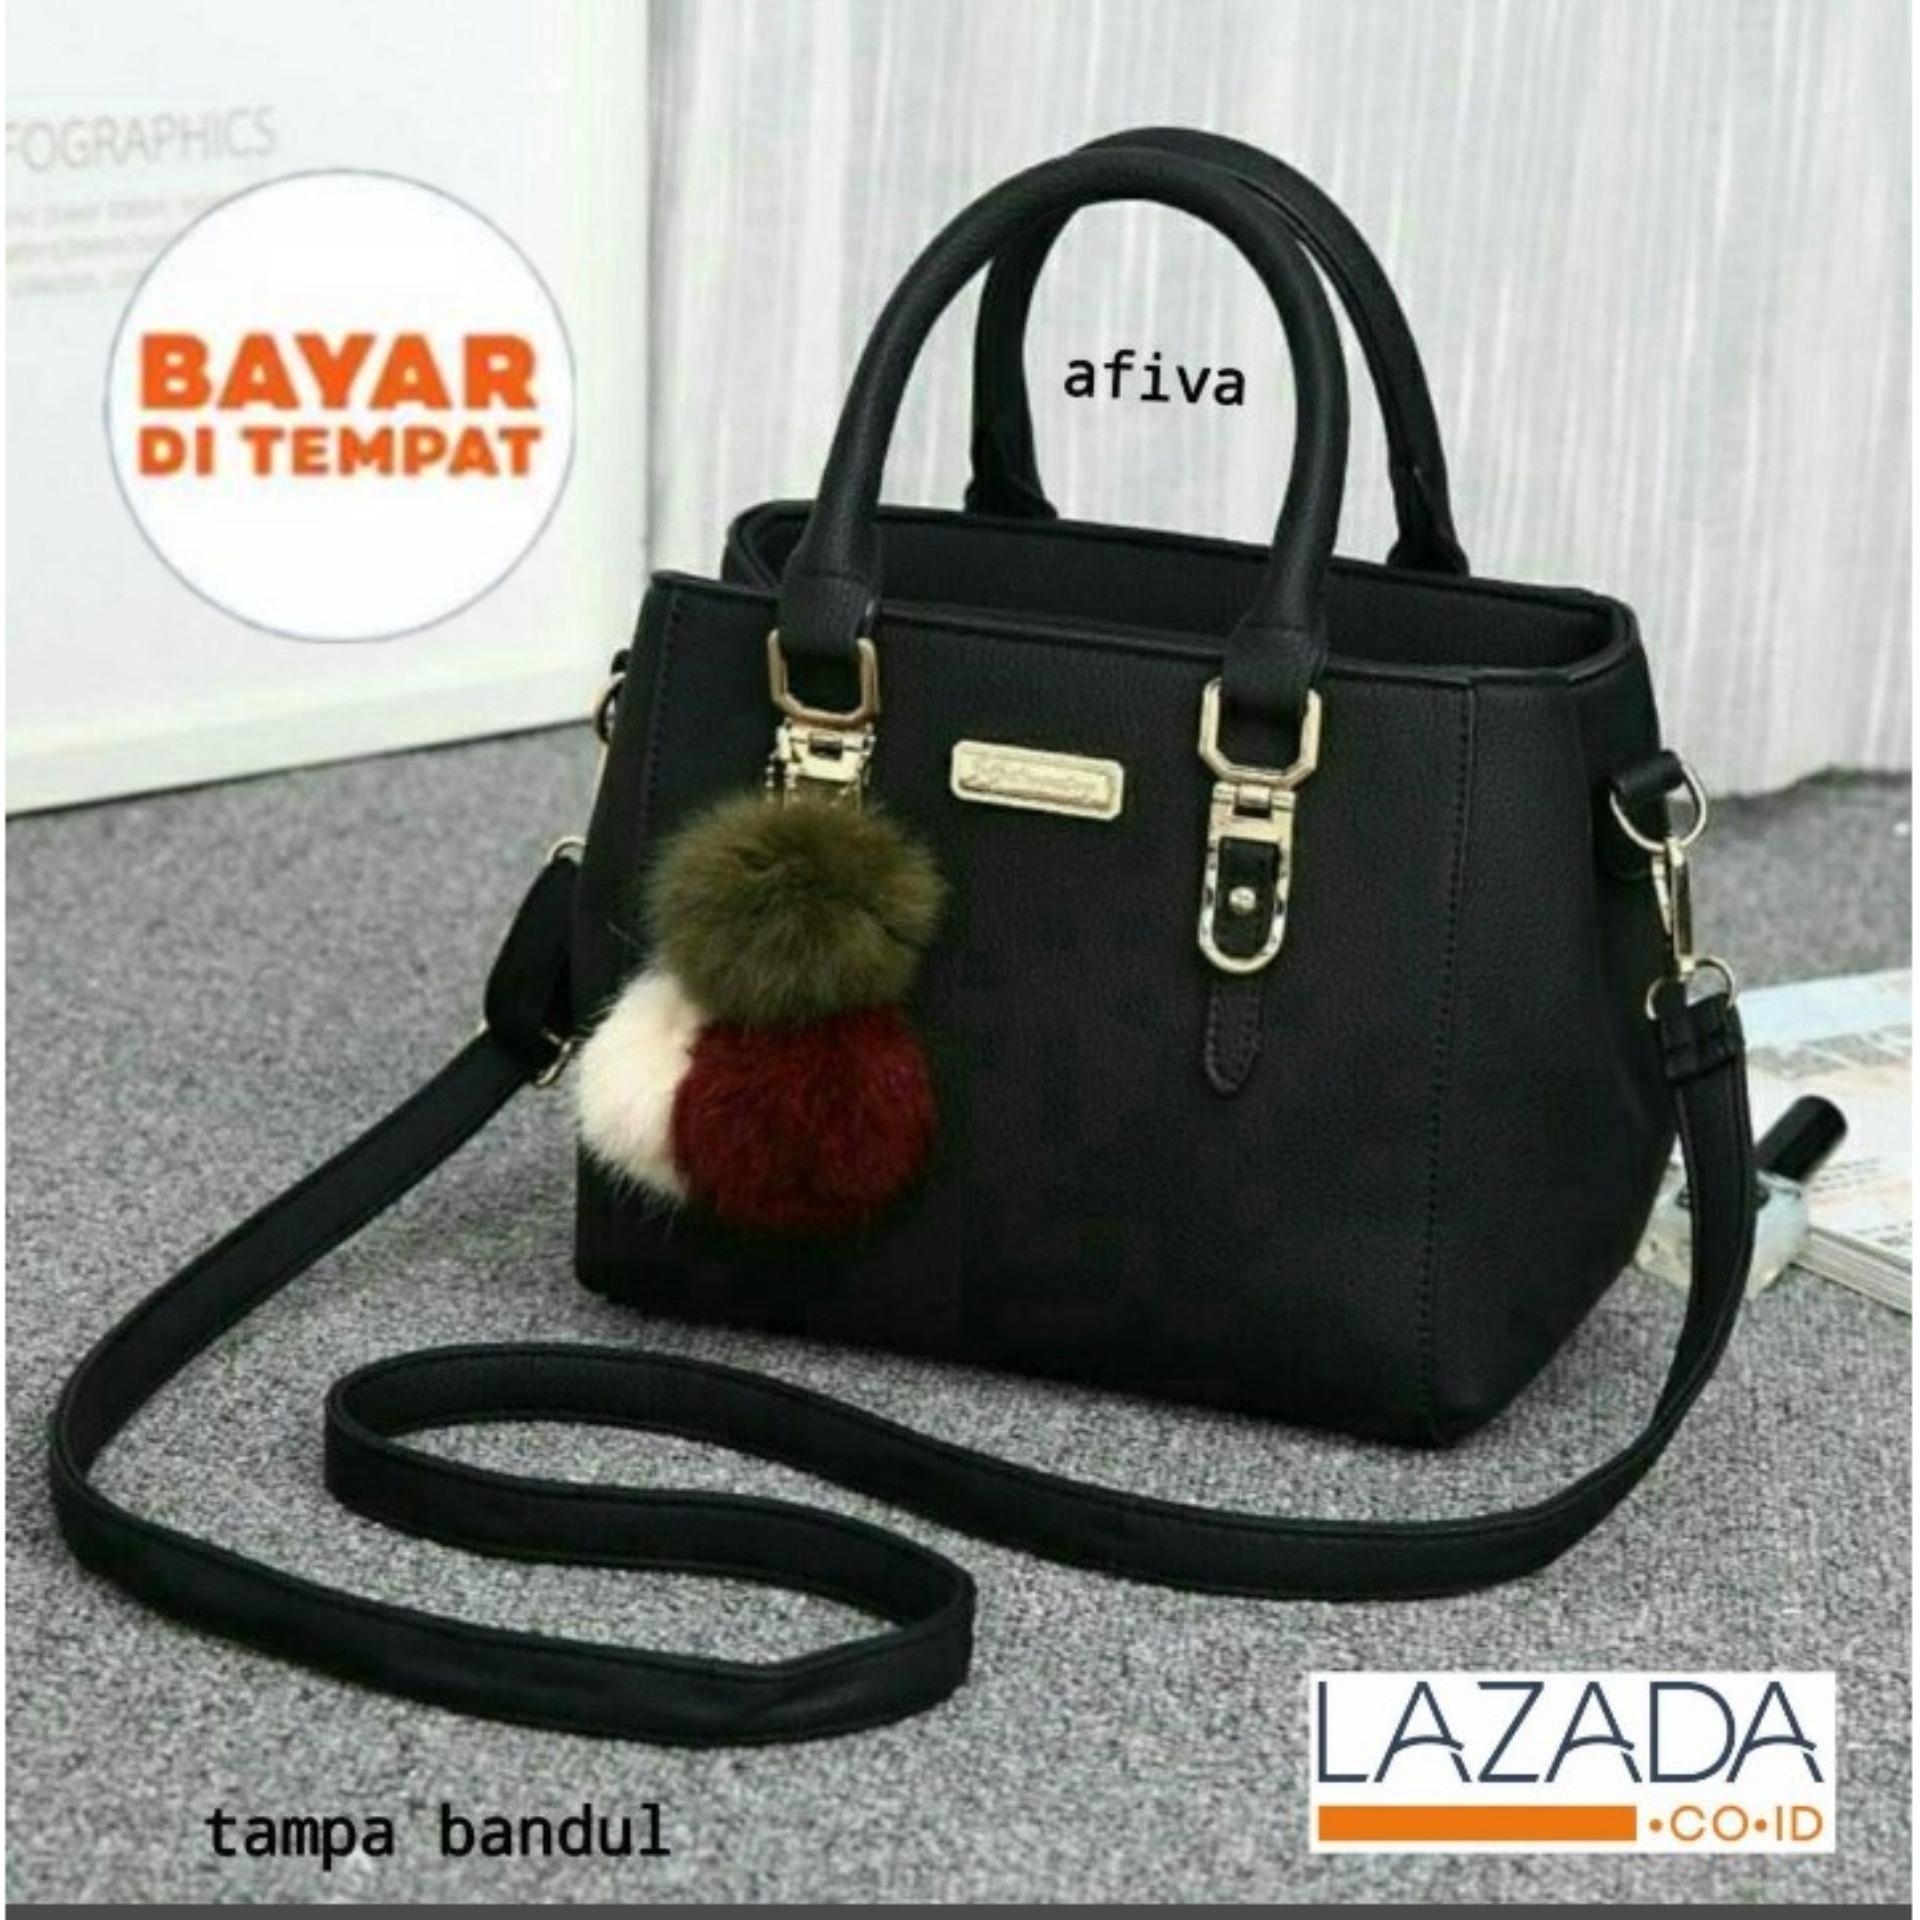 QuincyLabel Tas Wanita Women Fashion PU Tote Leather Handbags Shoulder Bags - Hitam FASHION BANDOENG tas